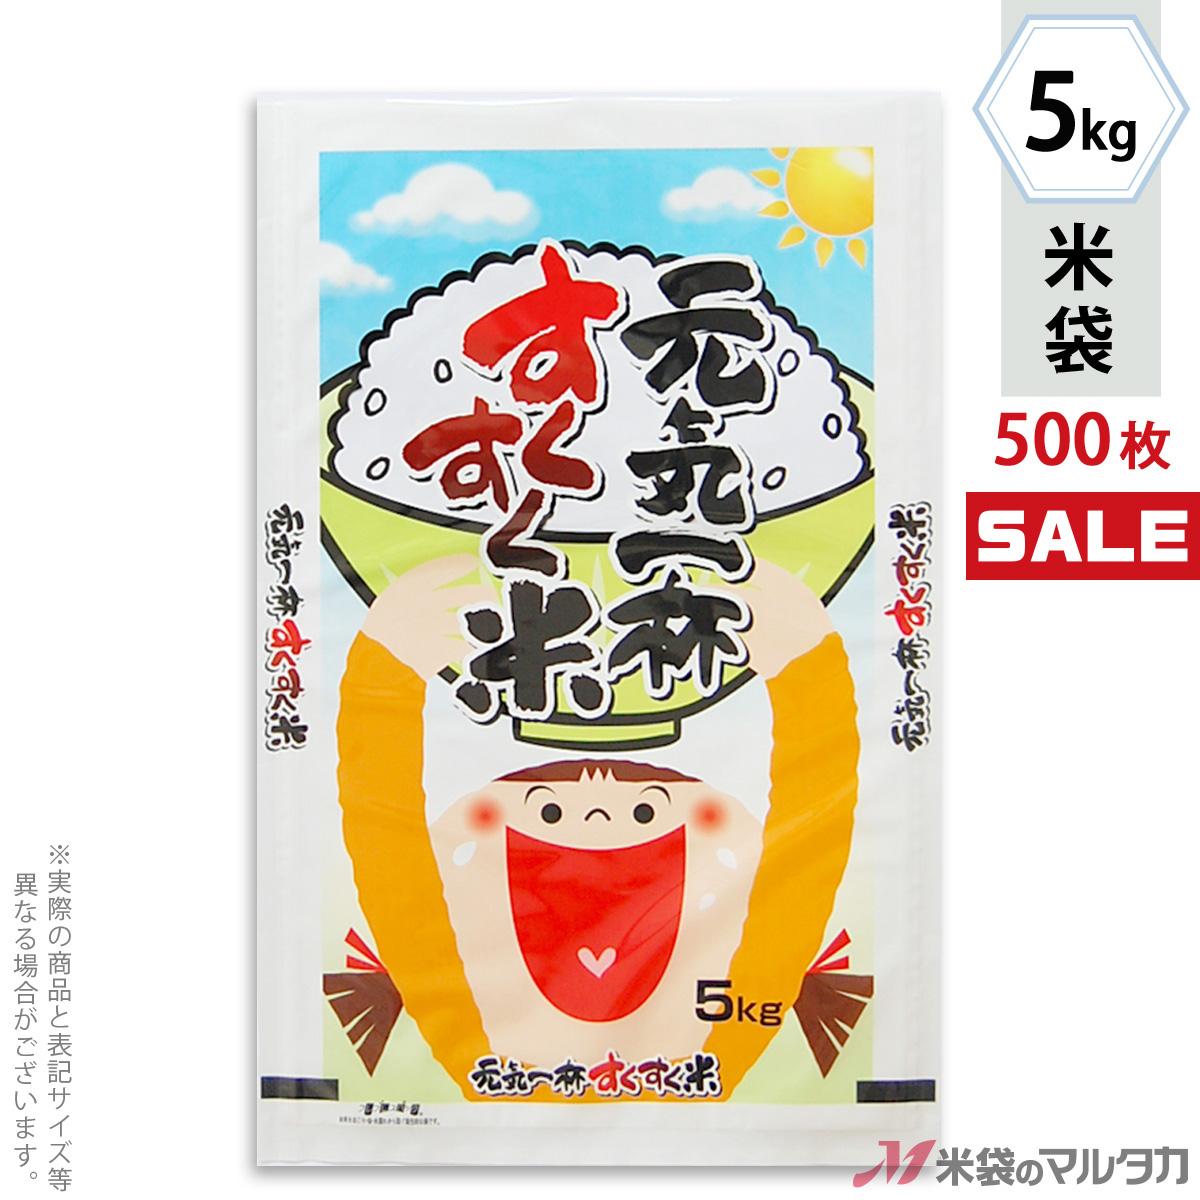 <キャンペーン対応>米袋 ラミ フレブレス 元気一杯すくすく米 5kg 1ケース(500枚入) MN-0056